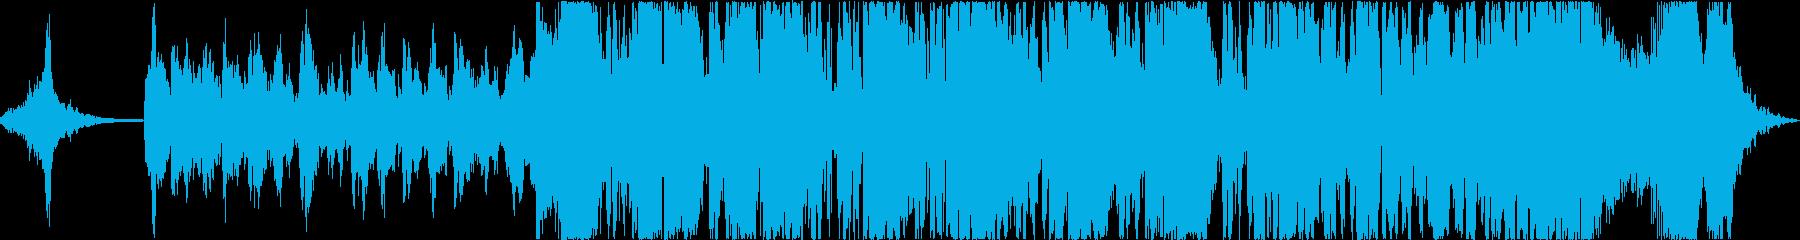 重厚なシネマティックサウンドの再生済みの波形